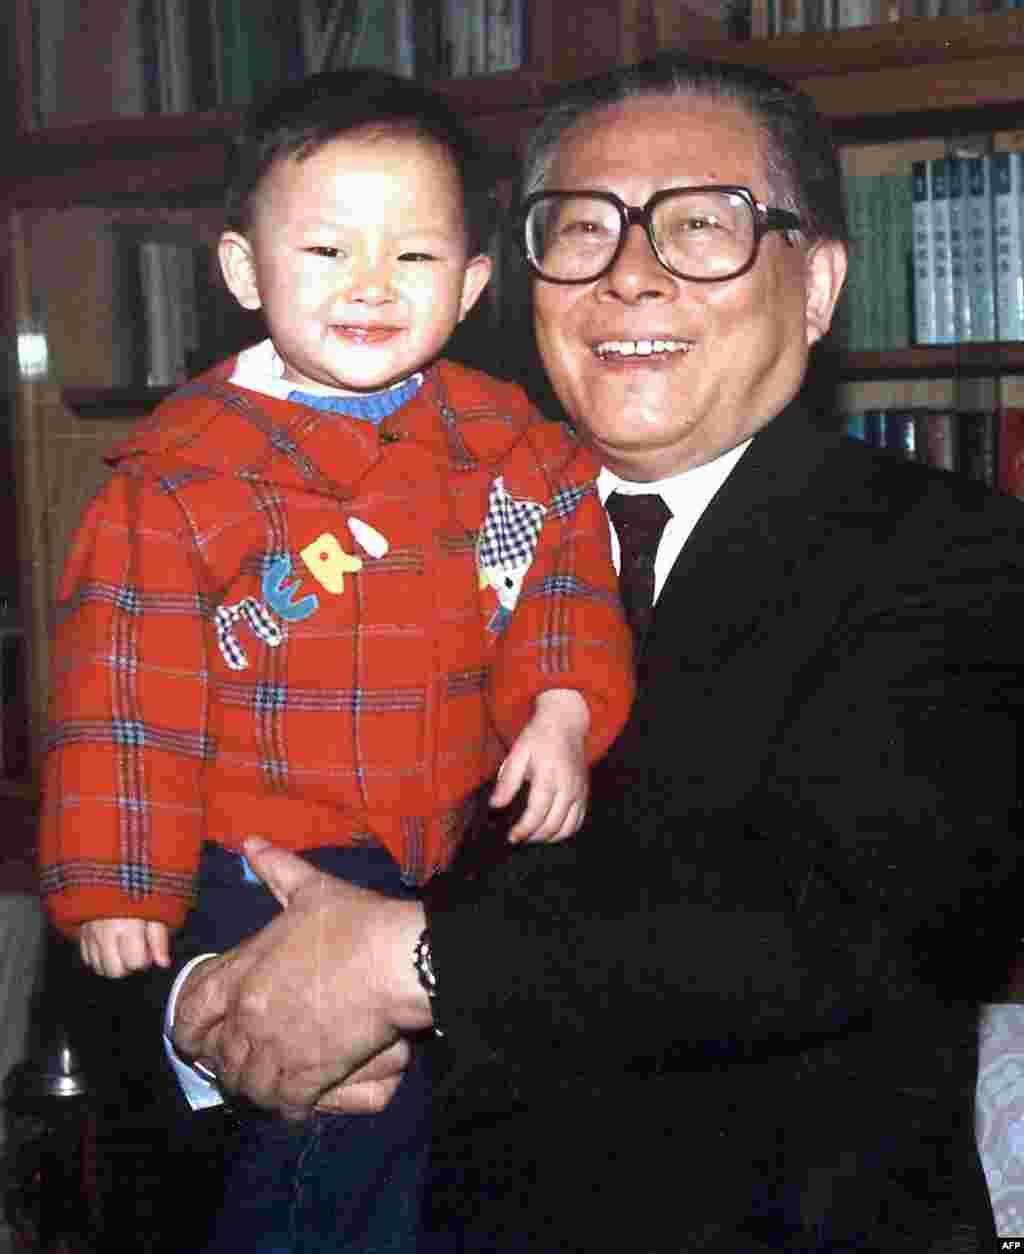 1990年代,中国国家主席江泽民在北京中南海的办公室抱着孙子。法新社说此图拍摄时间不详。本图集编辑估计是1990年代的照片。